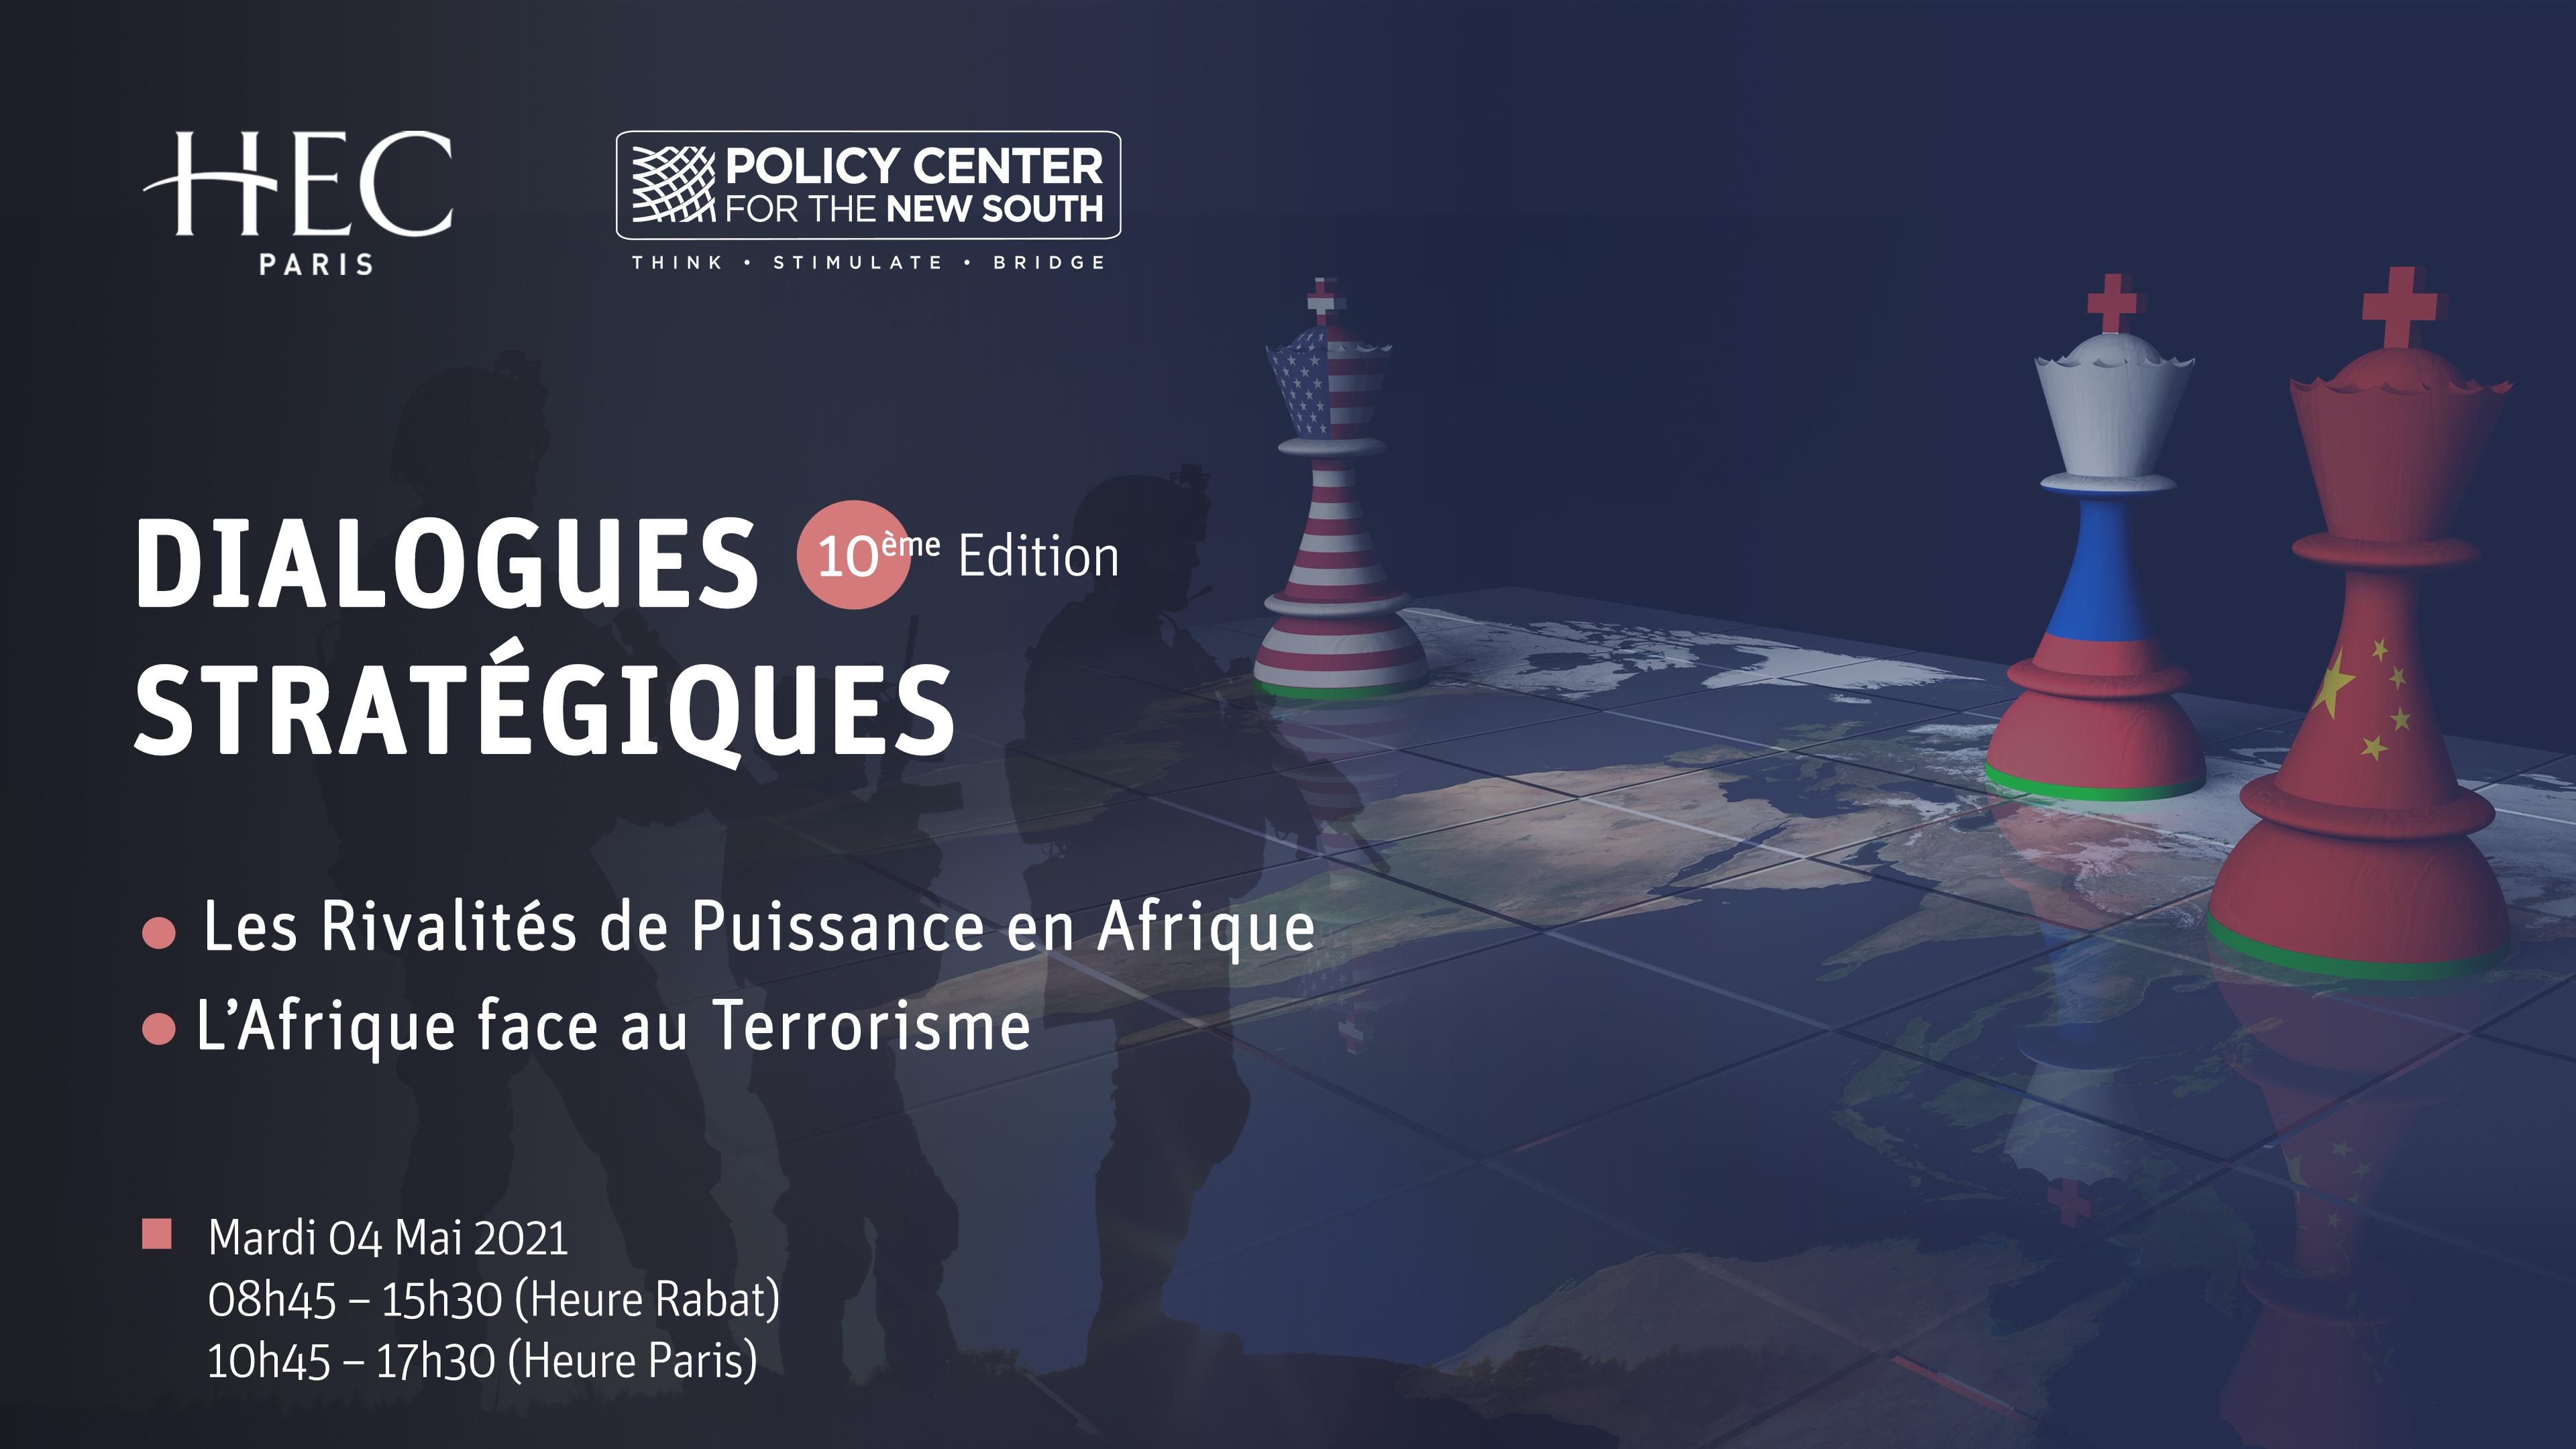 Visual Paysage - 10eĖme eėdition des Dialogues Strateėgiques